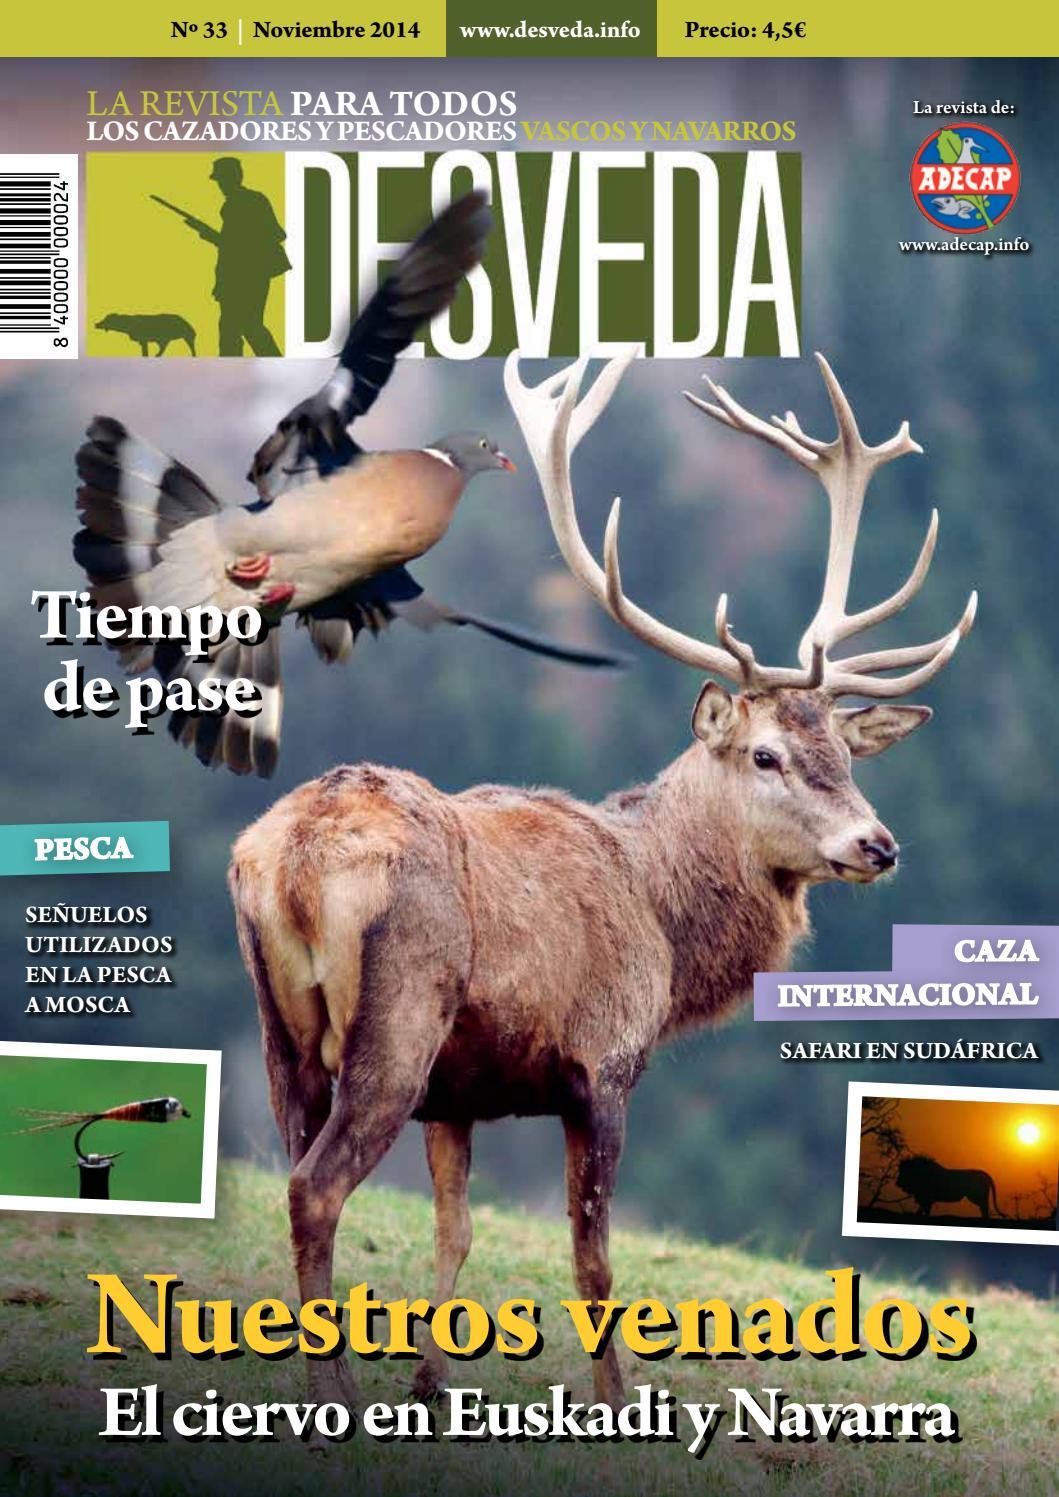 Desveda nº 33 noviembre 2014 by Revista DESVEDA impresa - issuu